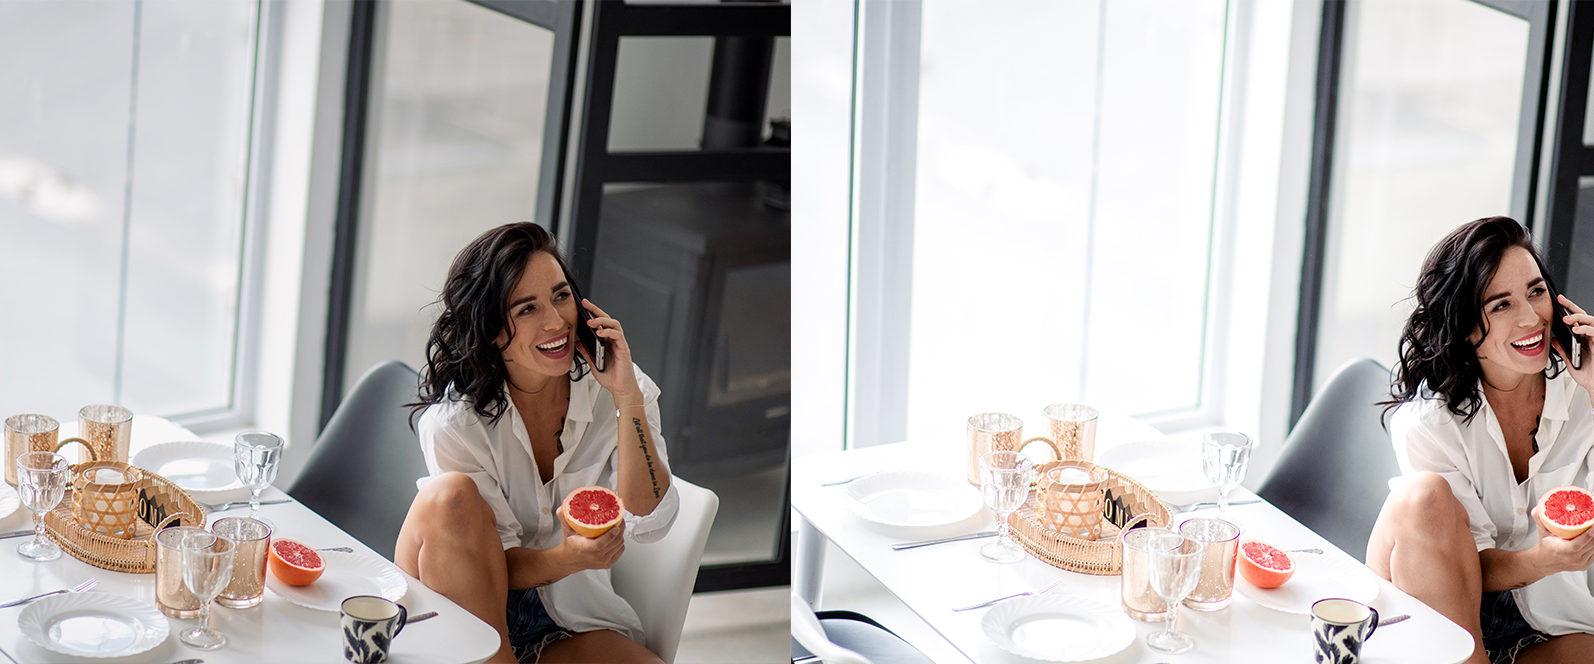 8 x Girl Boss Presets, Office Presets   Mobile and Desktop - 2 Girl Boss1 -